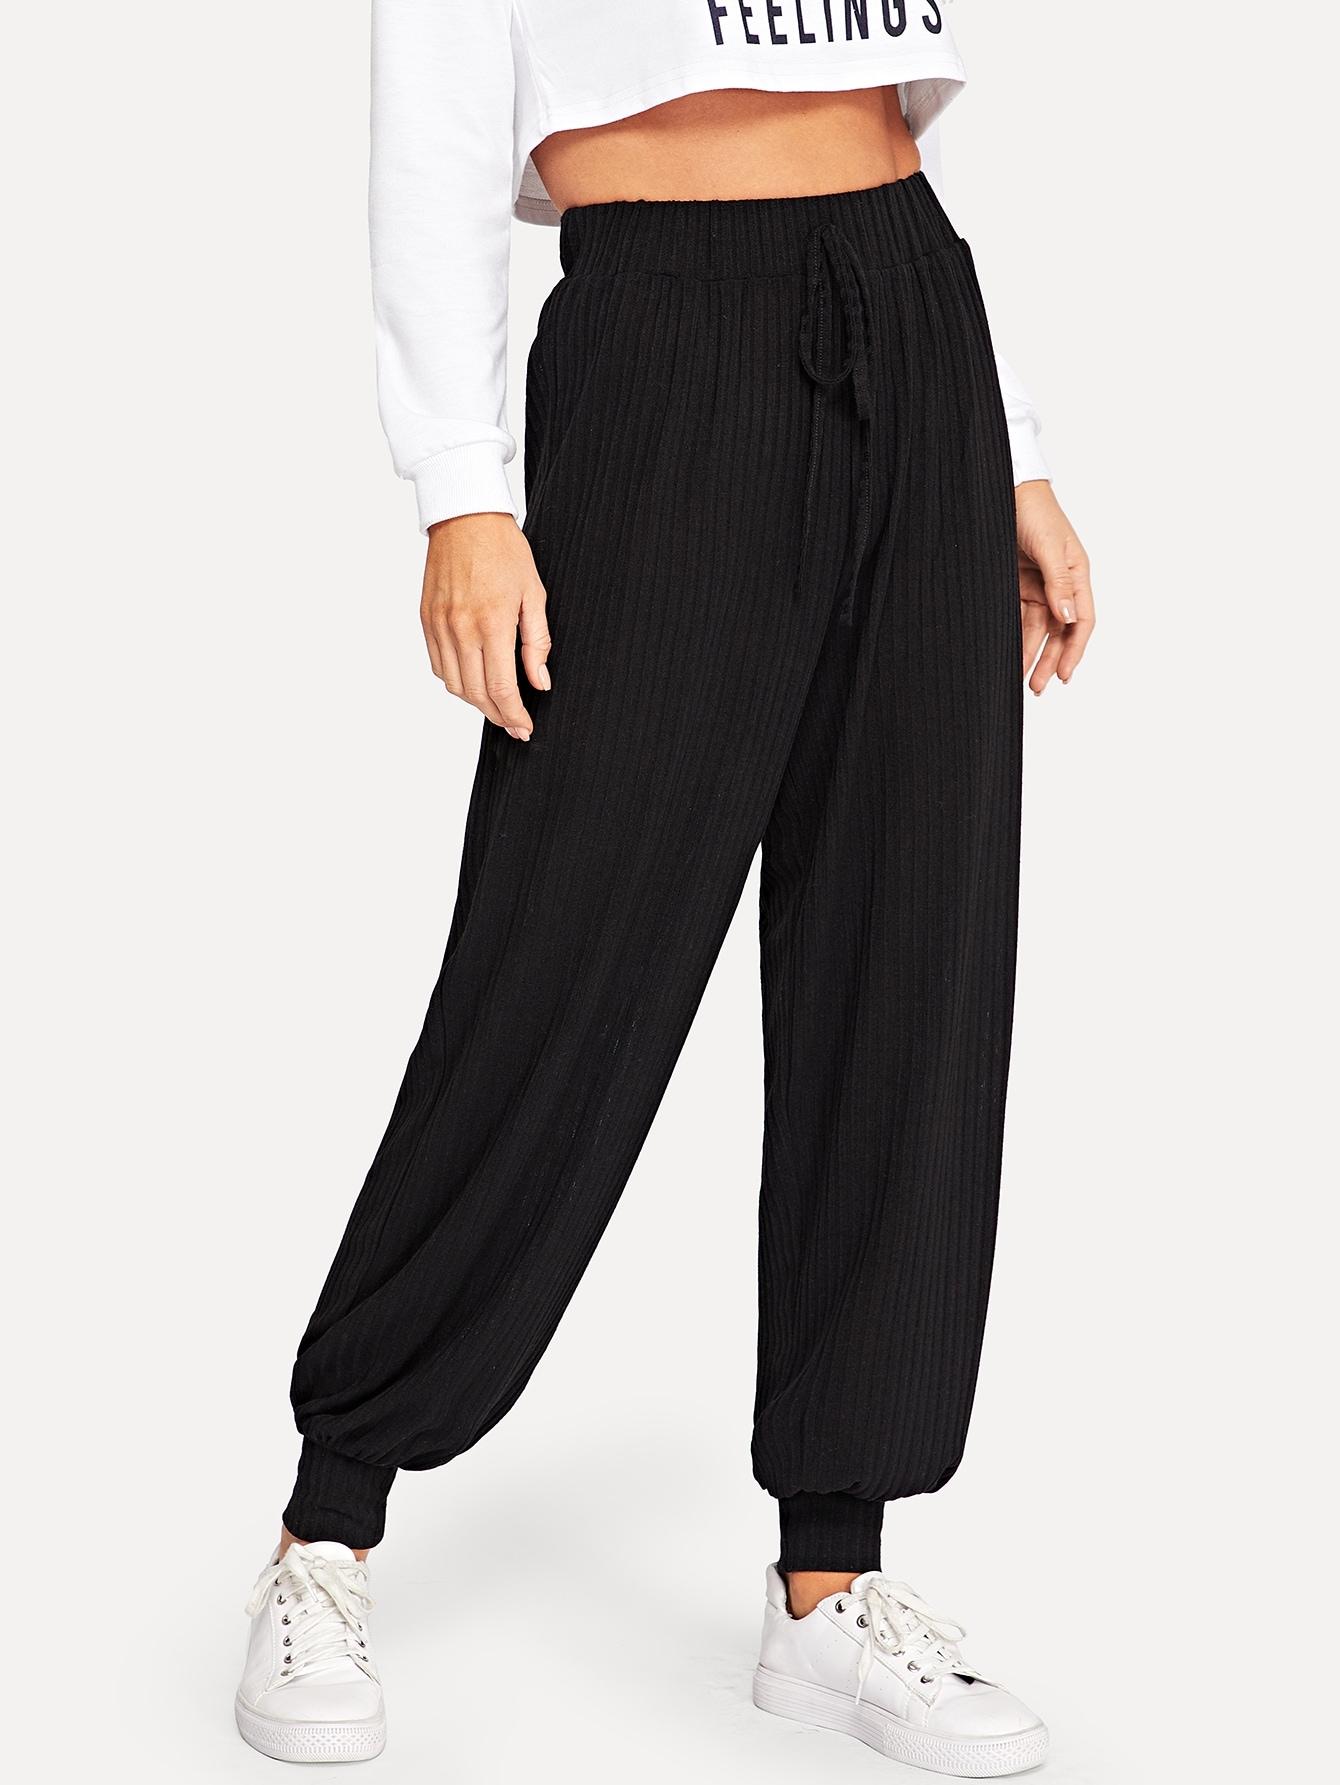 Купить Вязяные ркбристые брюки с поясом, Sasha O, SheIn